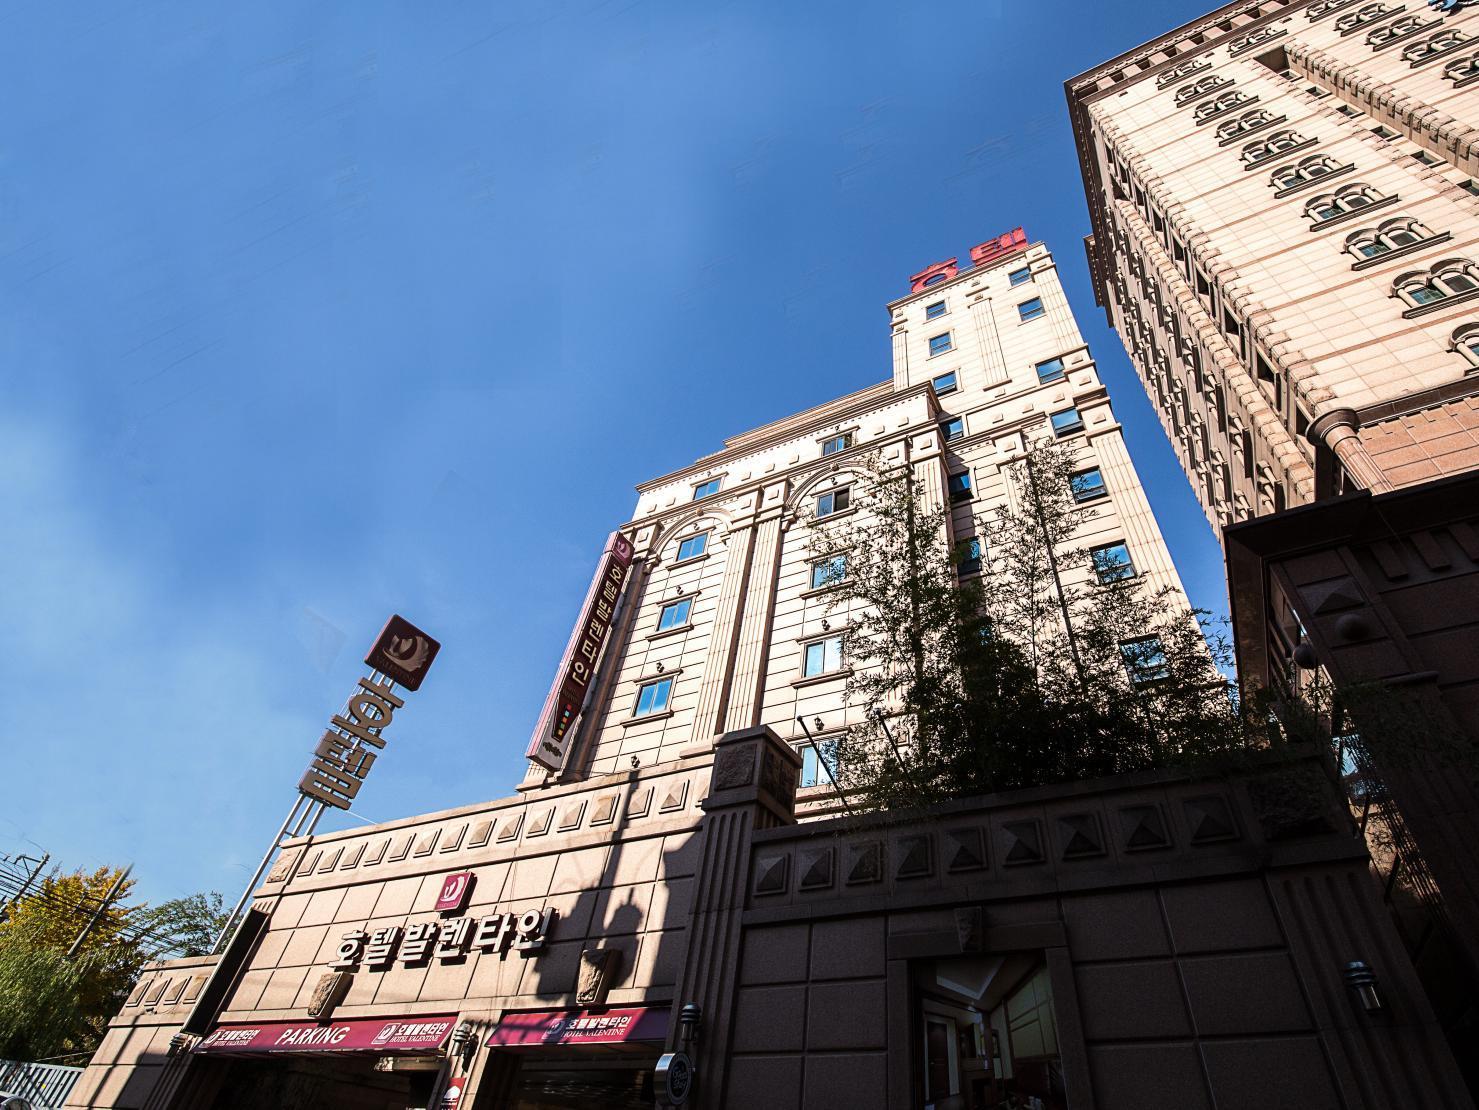 โรงแรม กู๊ดสเตย์โฮเต็ล วาเลนไทน์  (Goodstay Hotel Valentine)